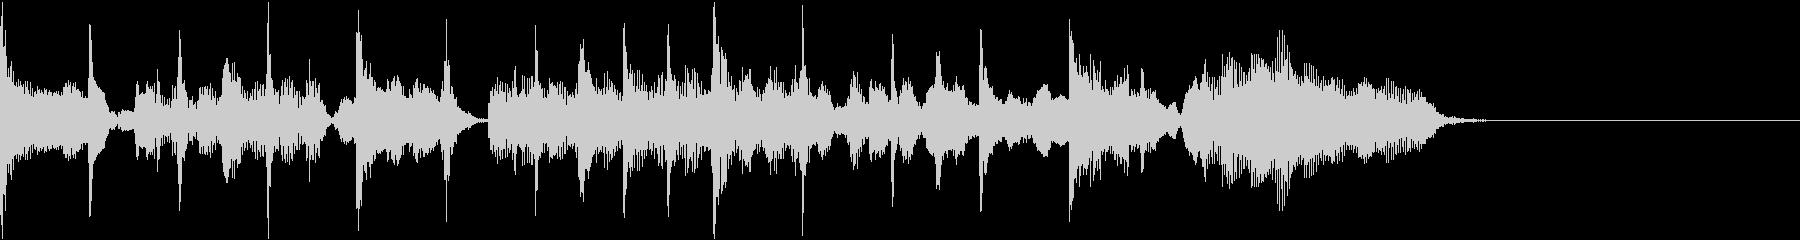 コーナータイトル_エレピR&B の未再生の波形